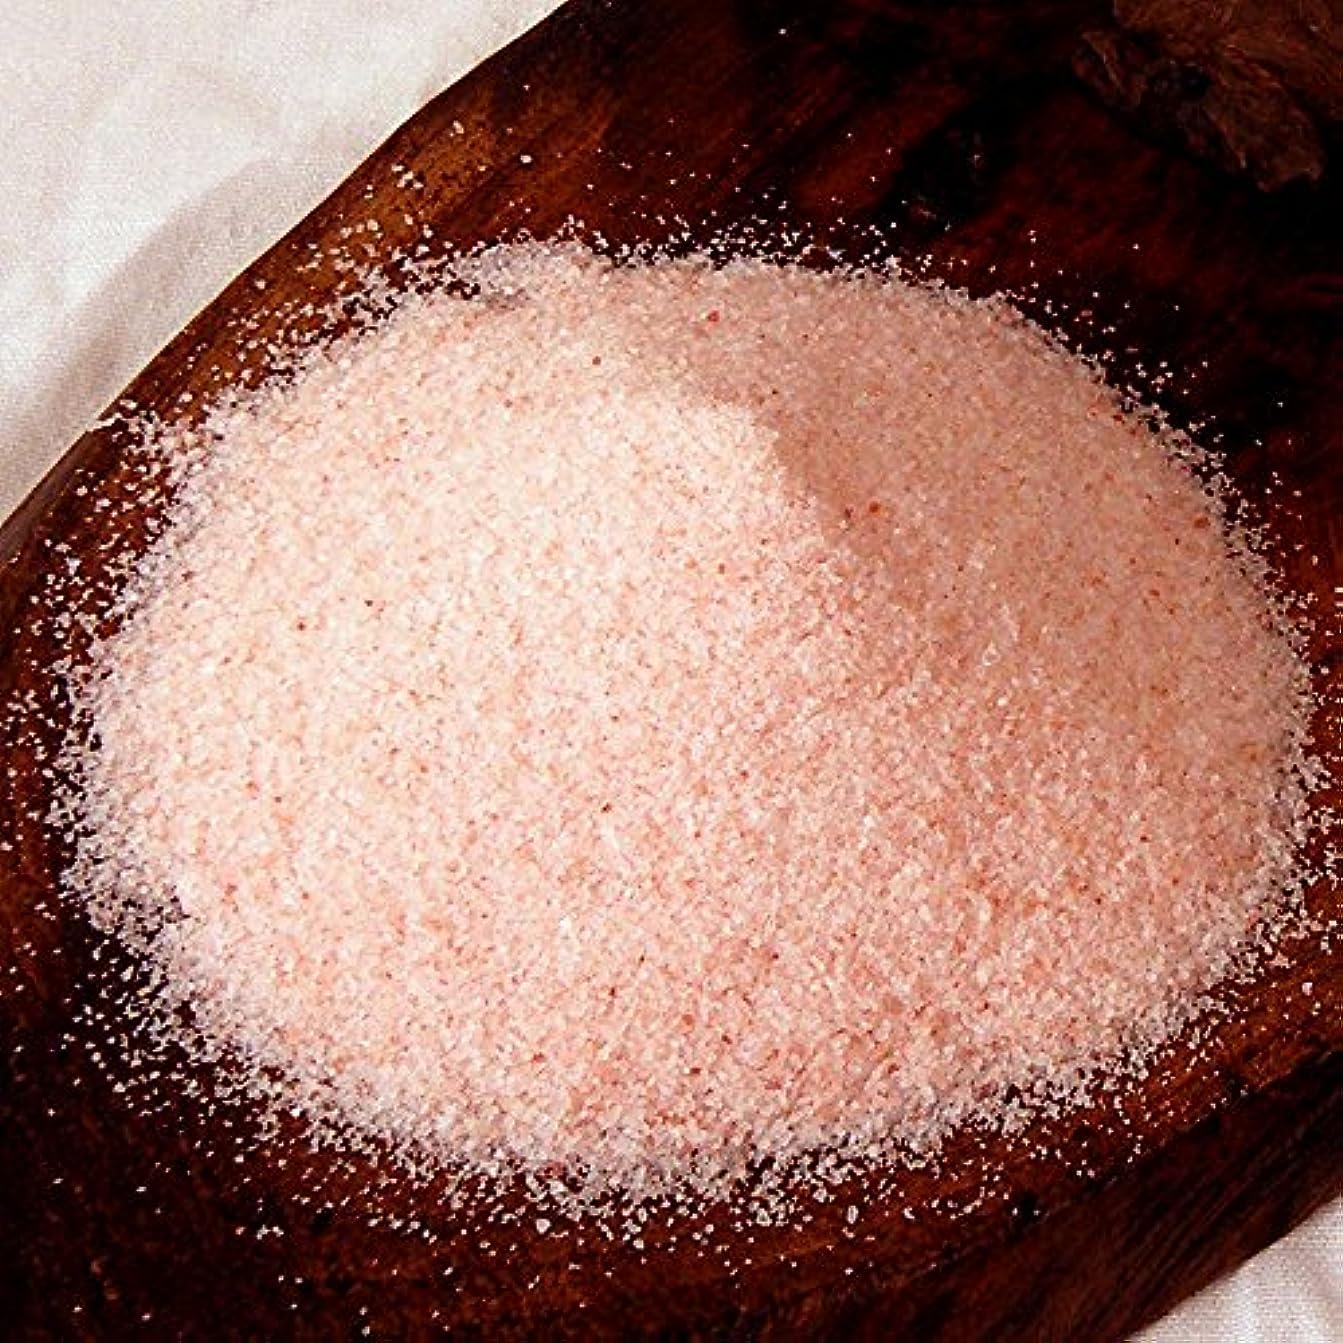 気分が悪いシェルターアレンジヒマラヤ岩塩 バスソルト ローズソルト 溶けやすい細粒タイプ お試し1kg (ソルト内容量970g)